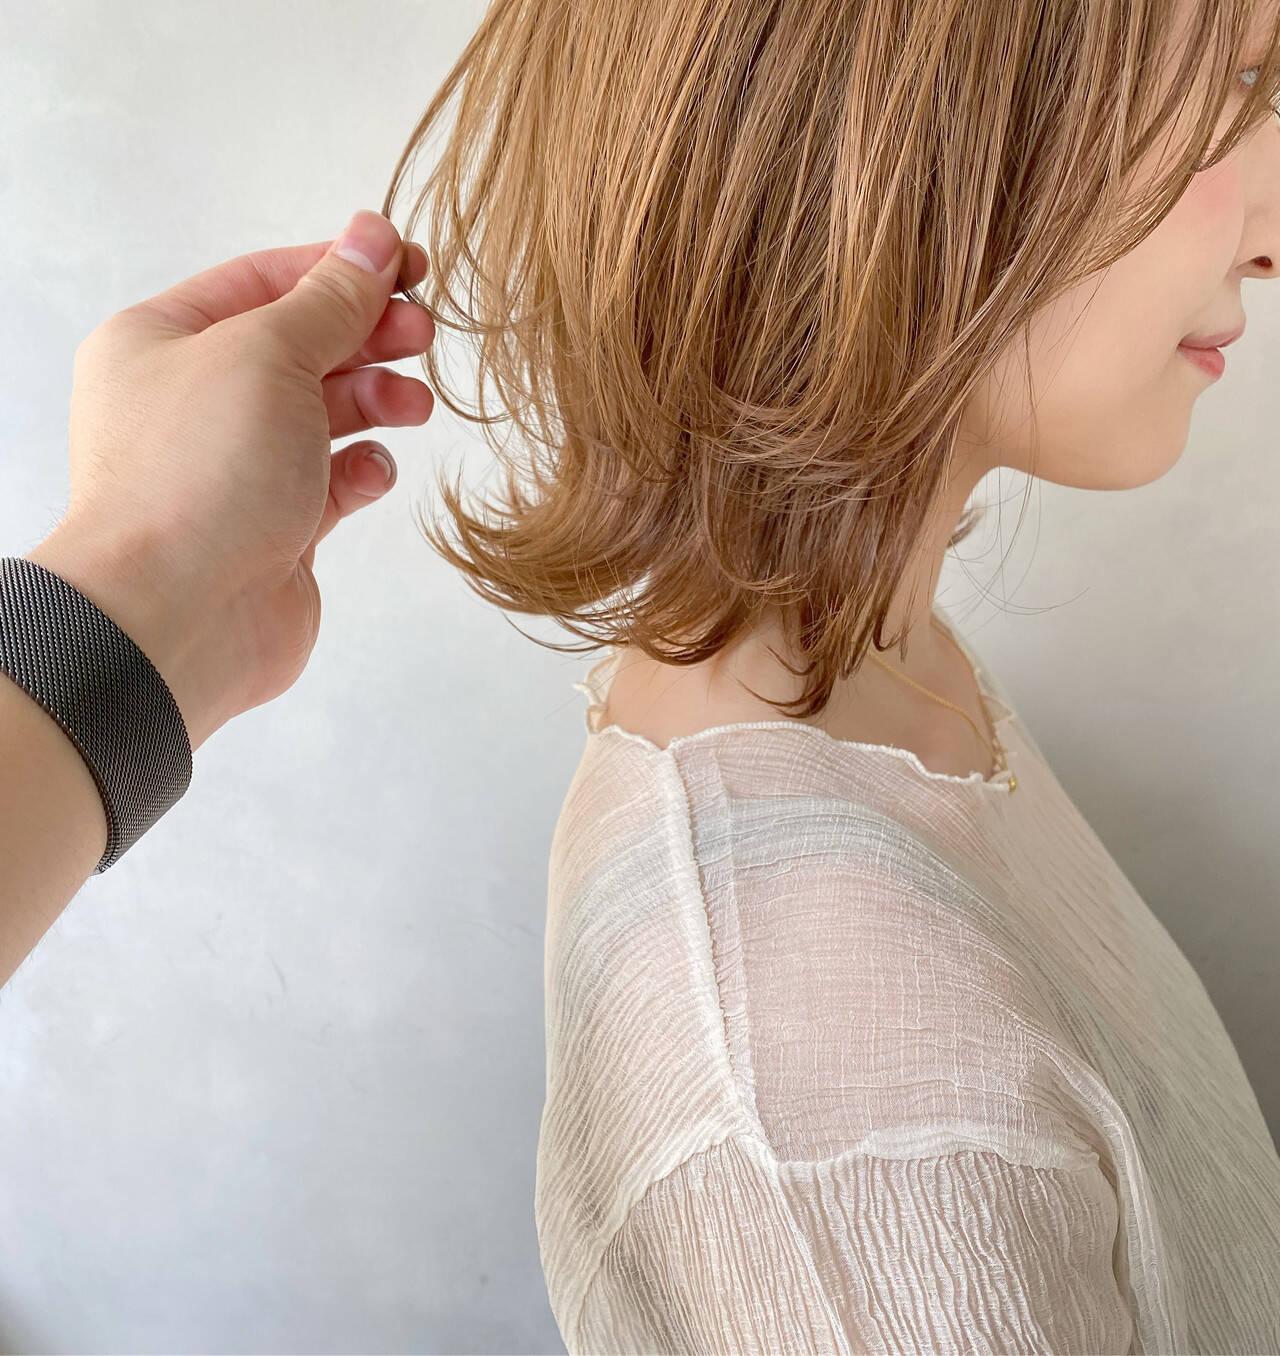 ナチュラル ウルフカット 切りっぱなしボブ アンニュイほつれヘアヘアスタイルや髪型の写真・画像